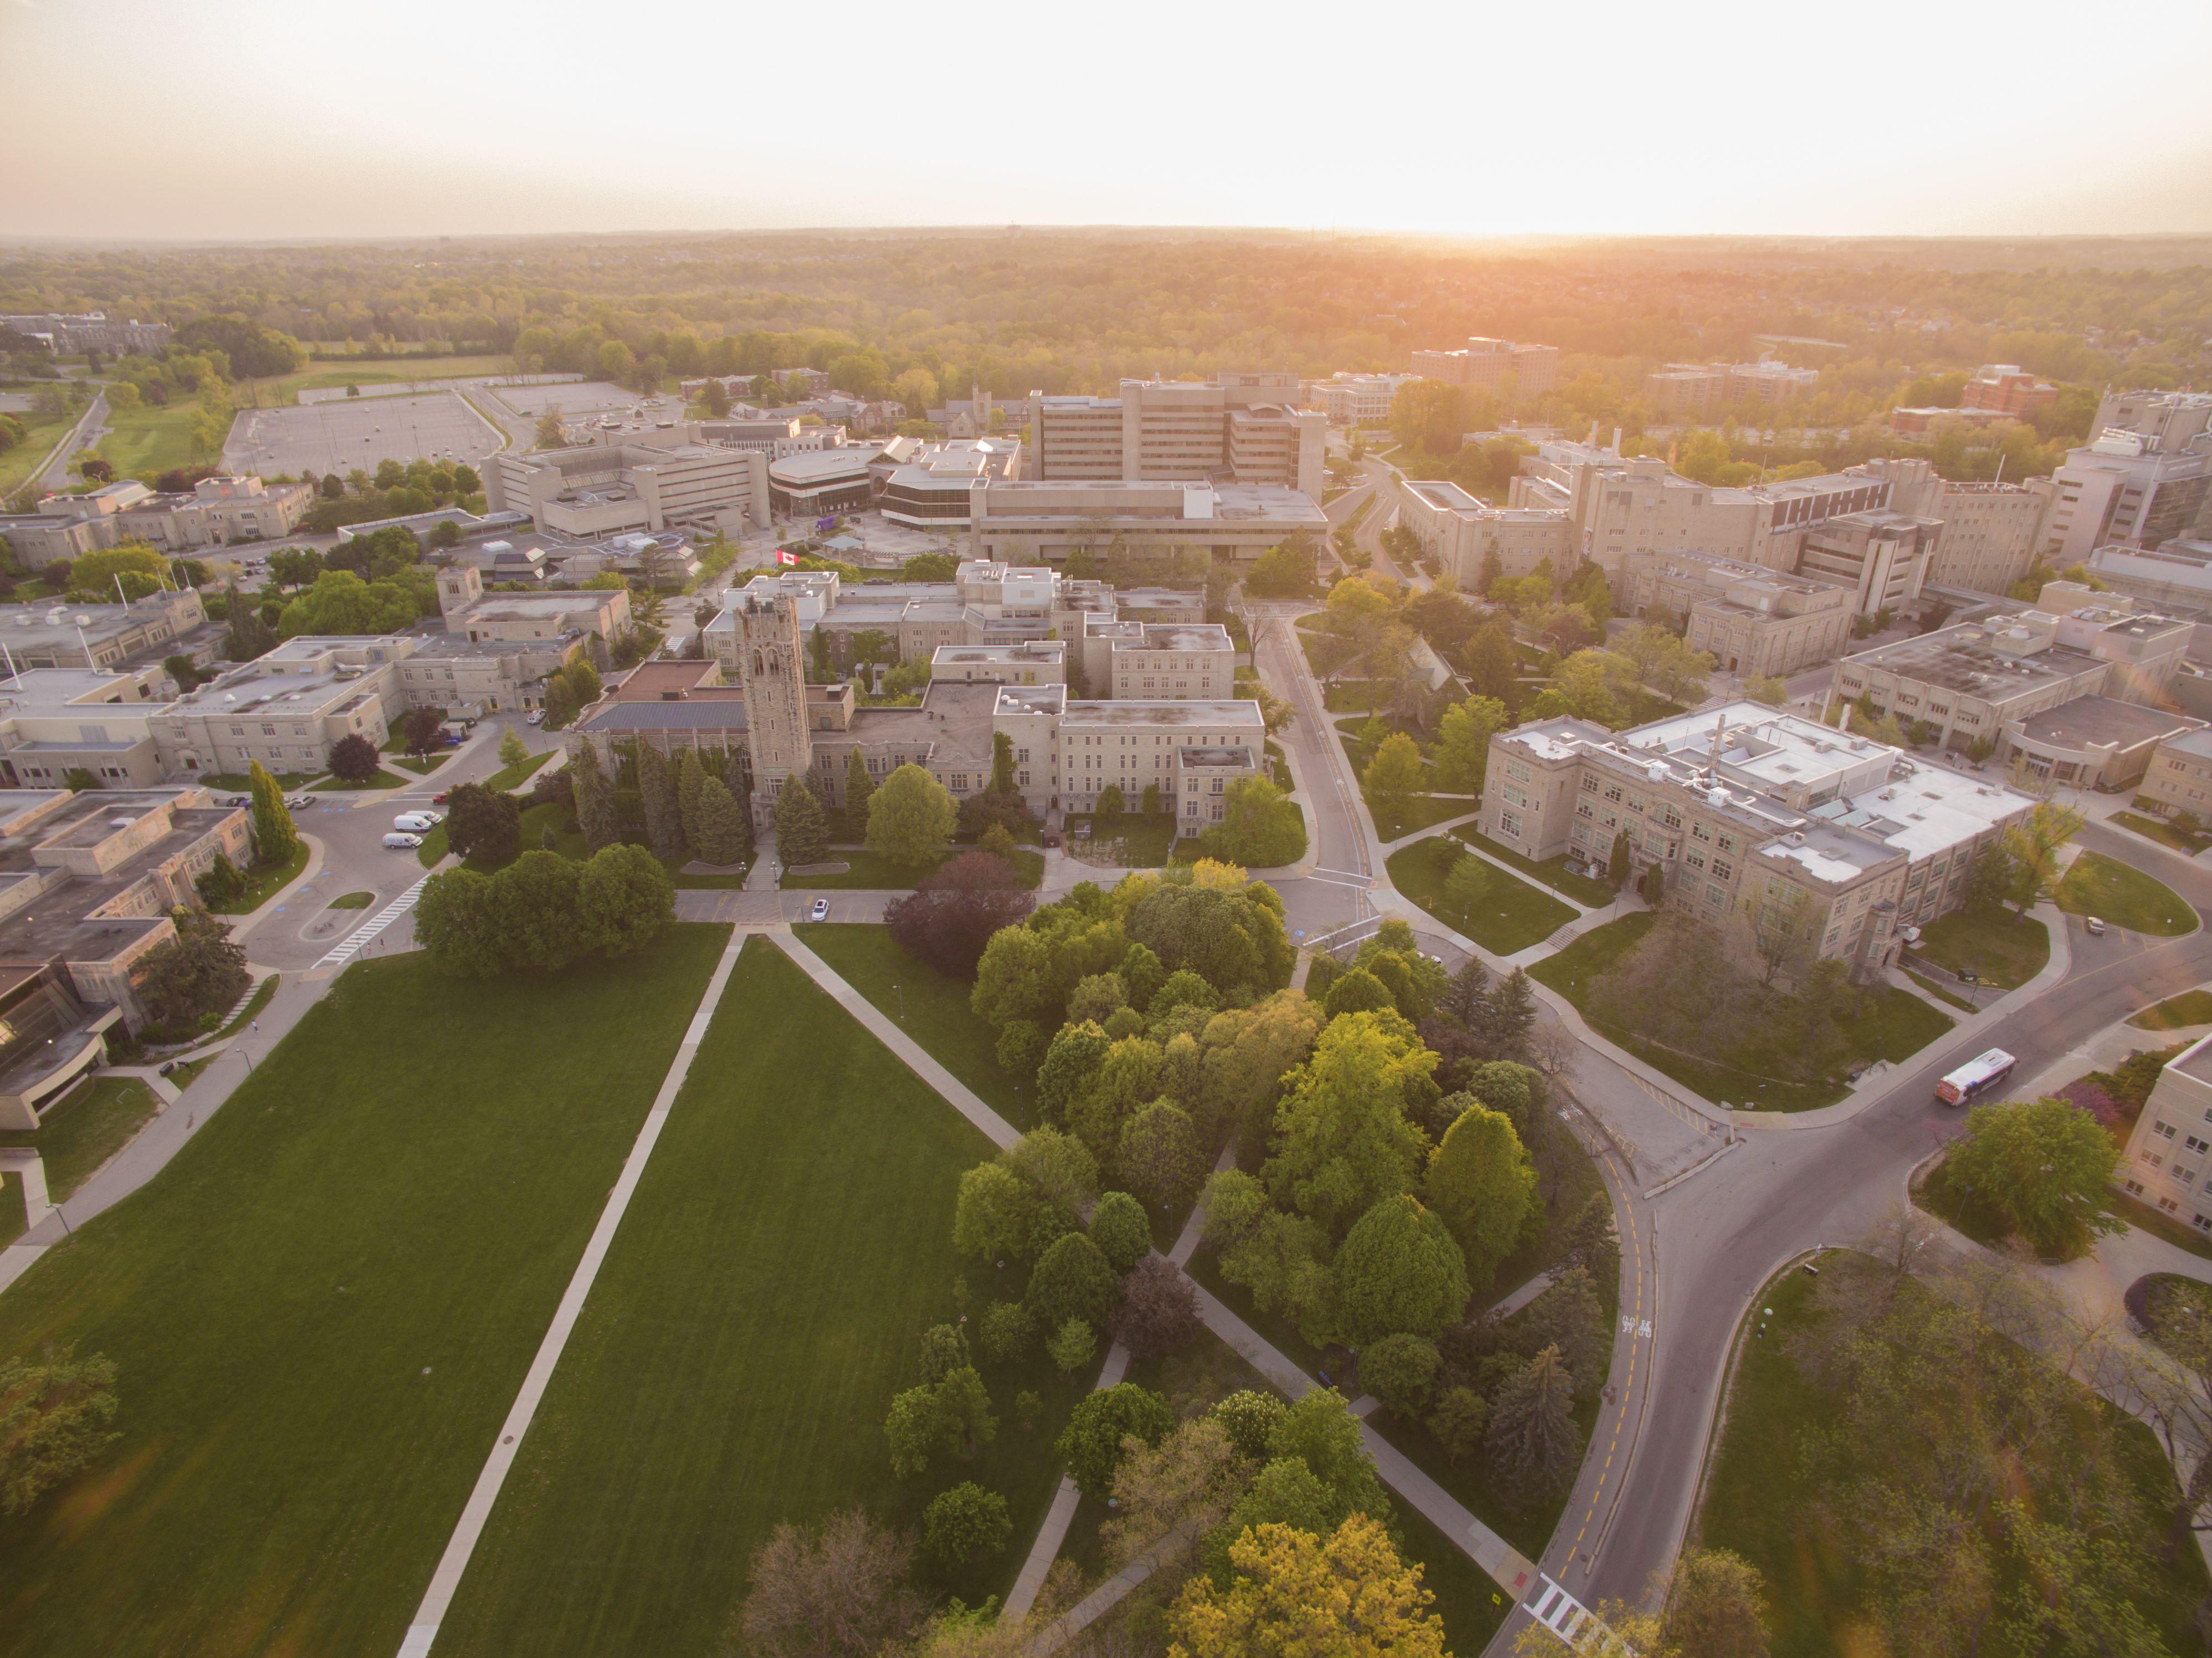 Vista aérea de la Western University al atardecer